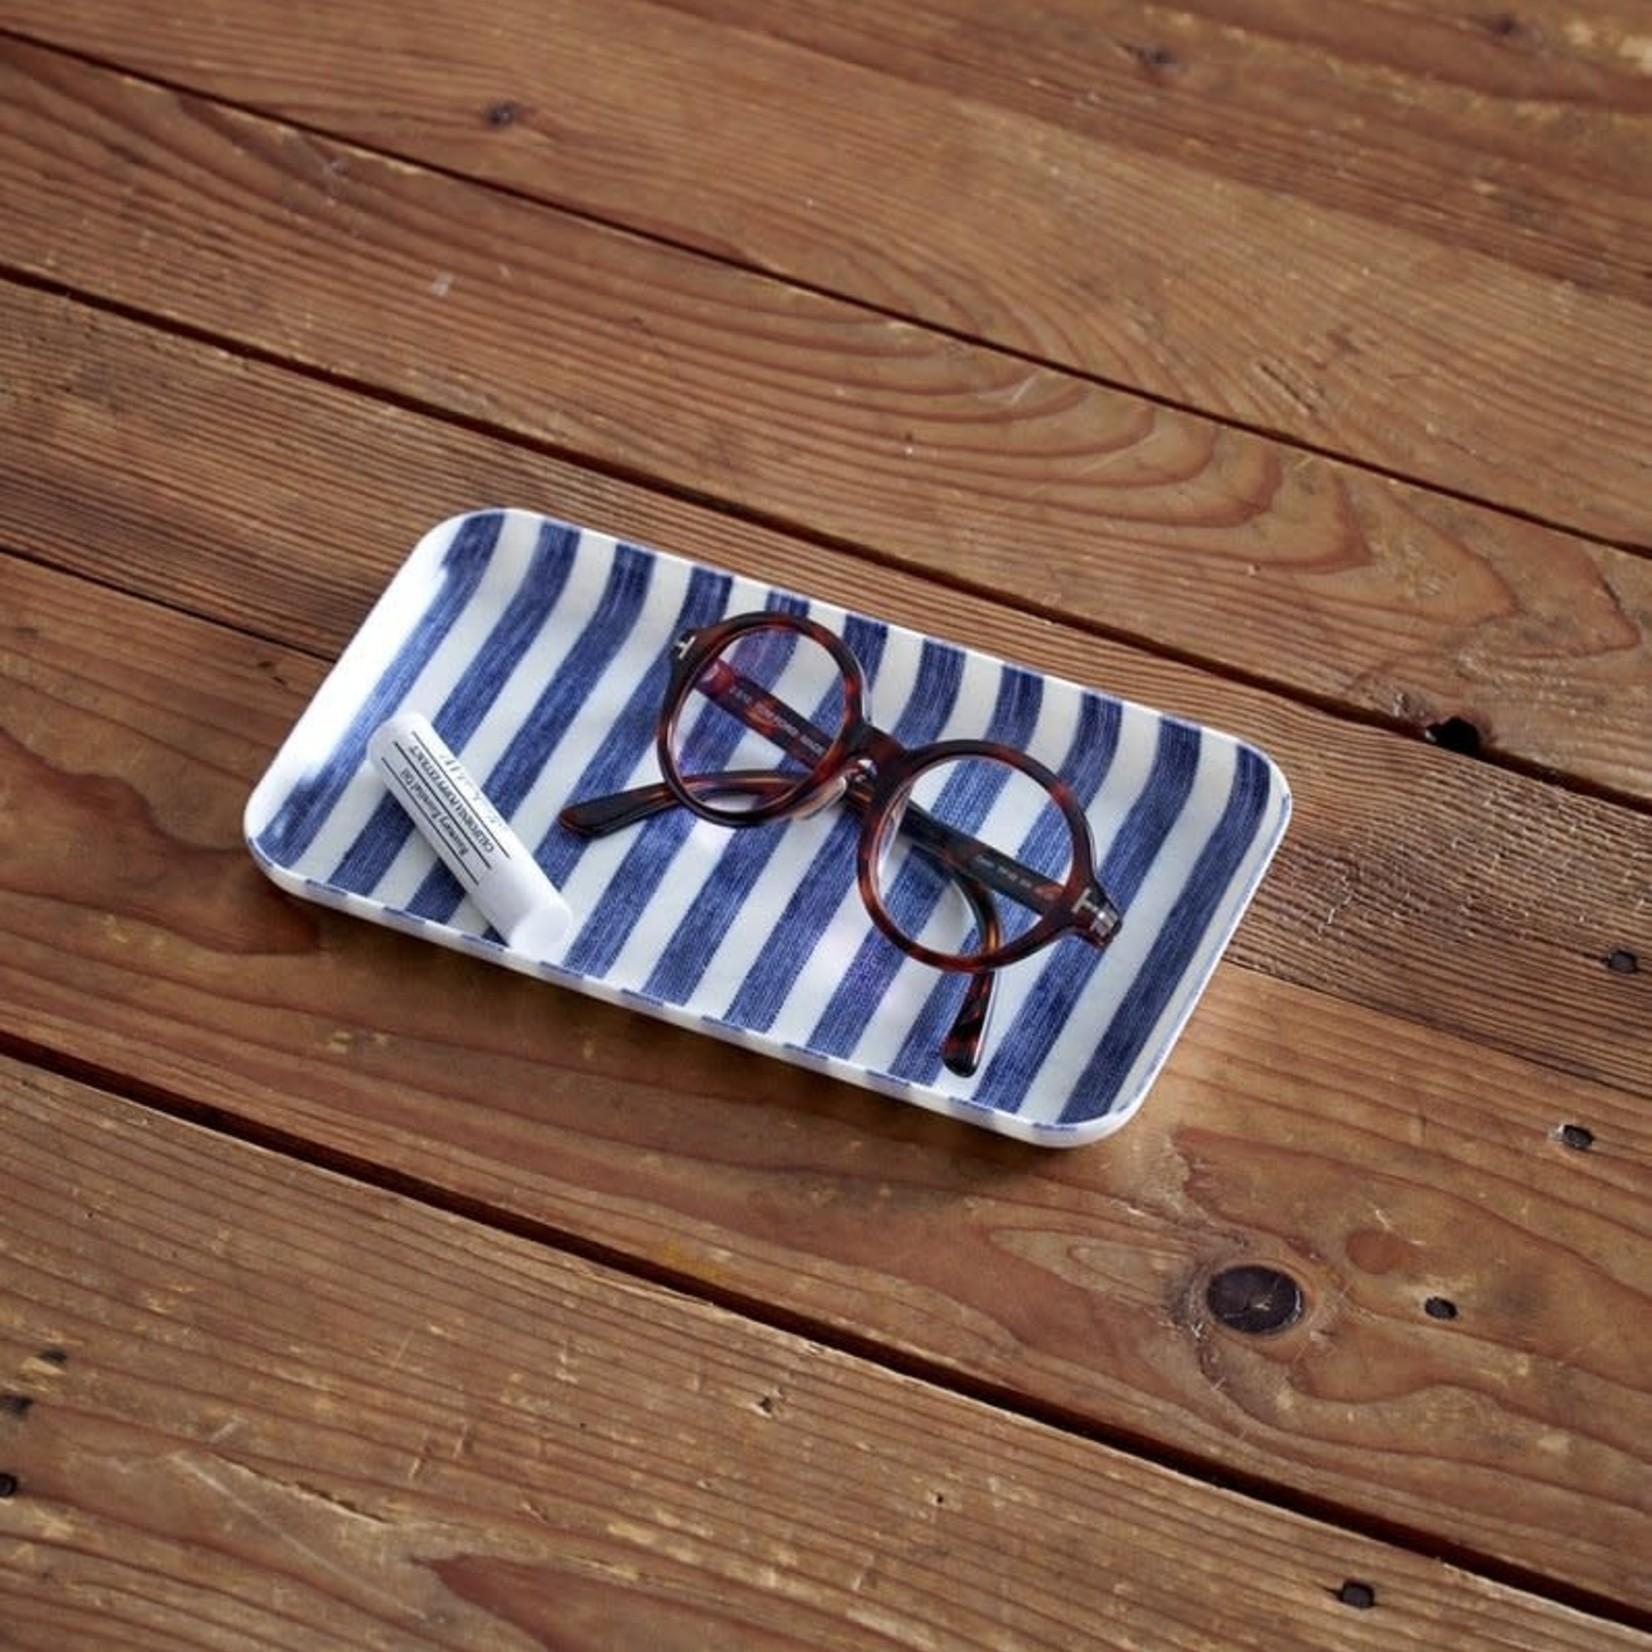 Fog Linen Fog Linen Linen Coated Tray Small White Blue Stripe